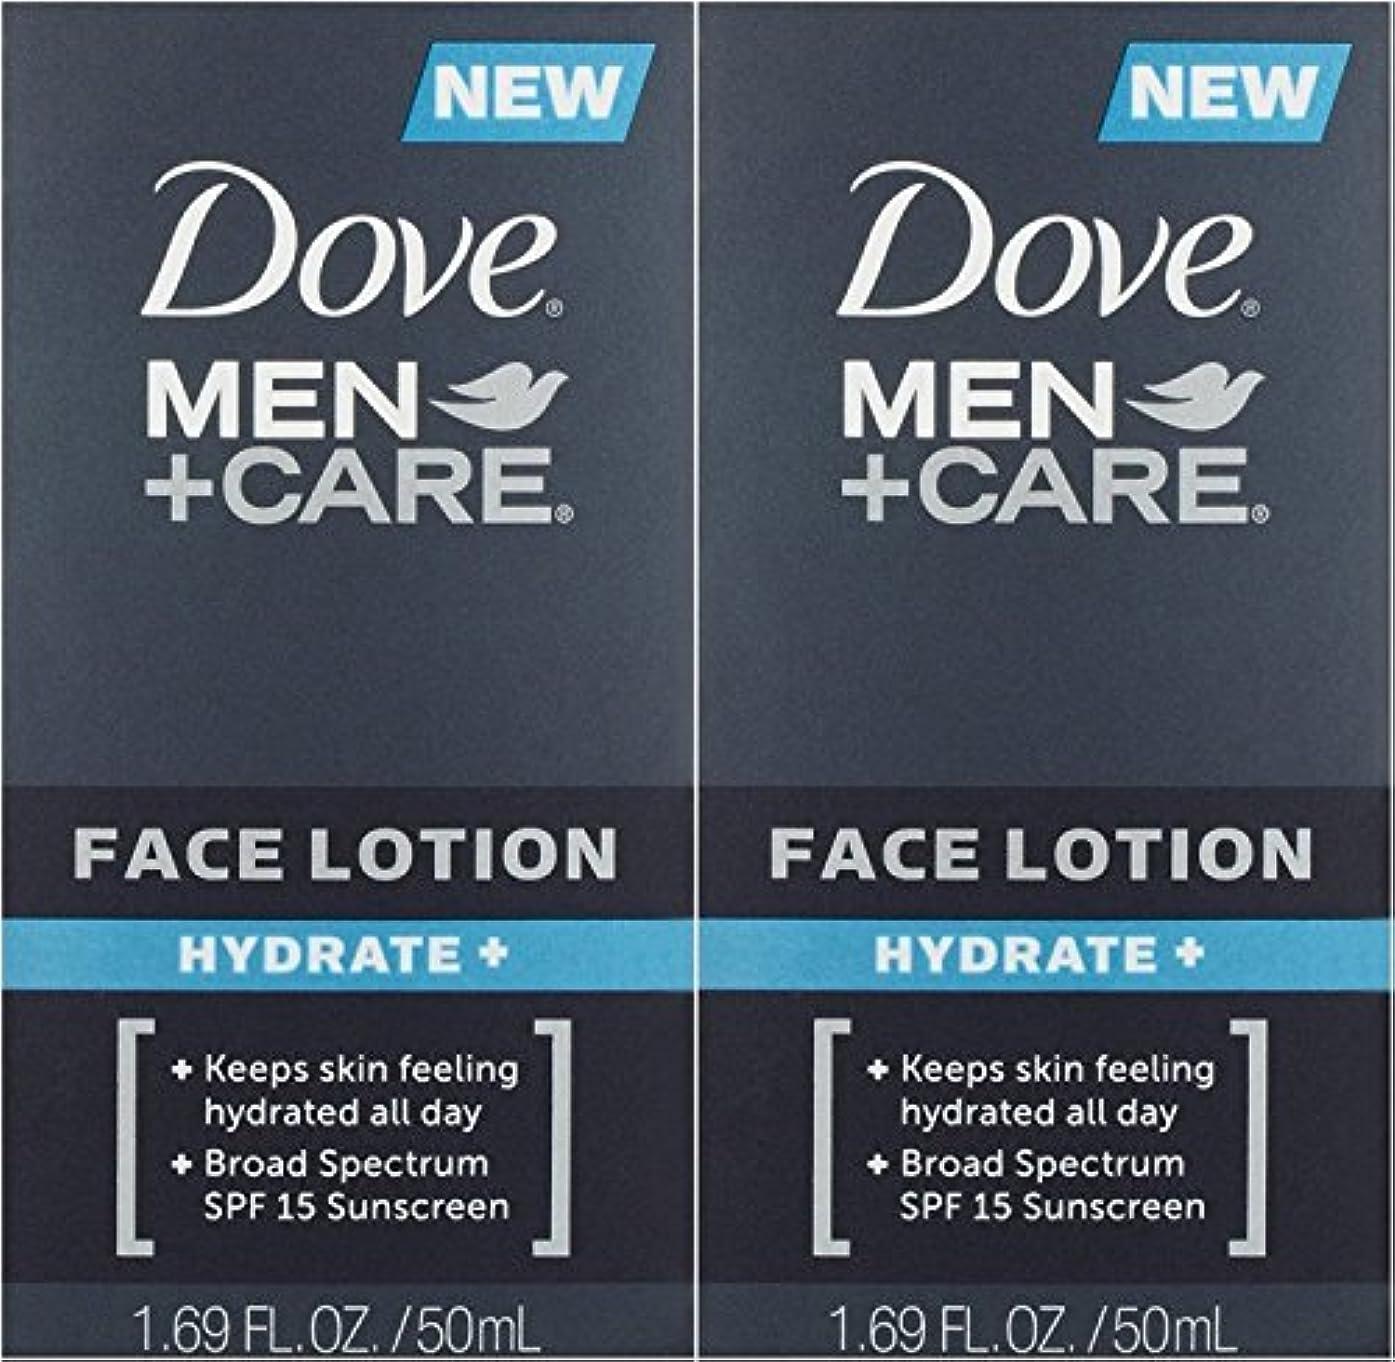 決めます削除する記念碑【アメリカ発送】 Dove Men+Care Face Lotion, Hydrate+ 1.69 oz ダブ 男性用 フェイスローション 潤い SPF 15 50ml